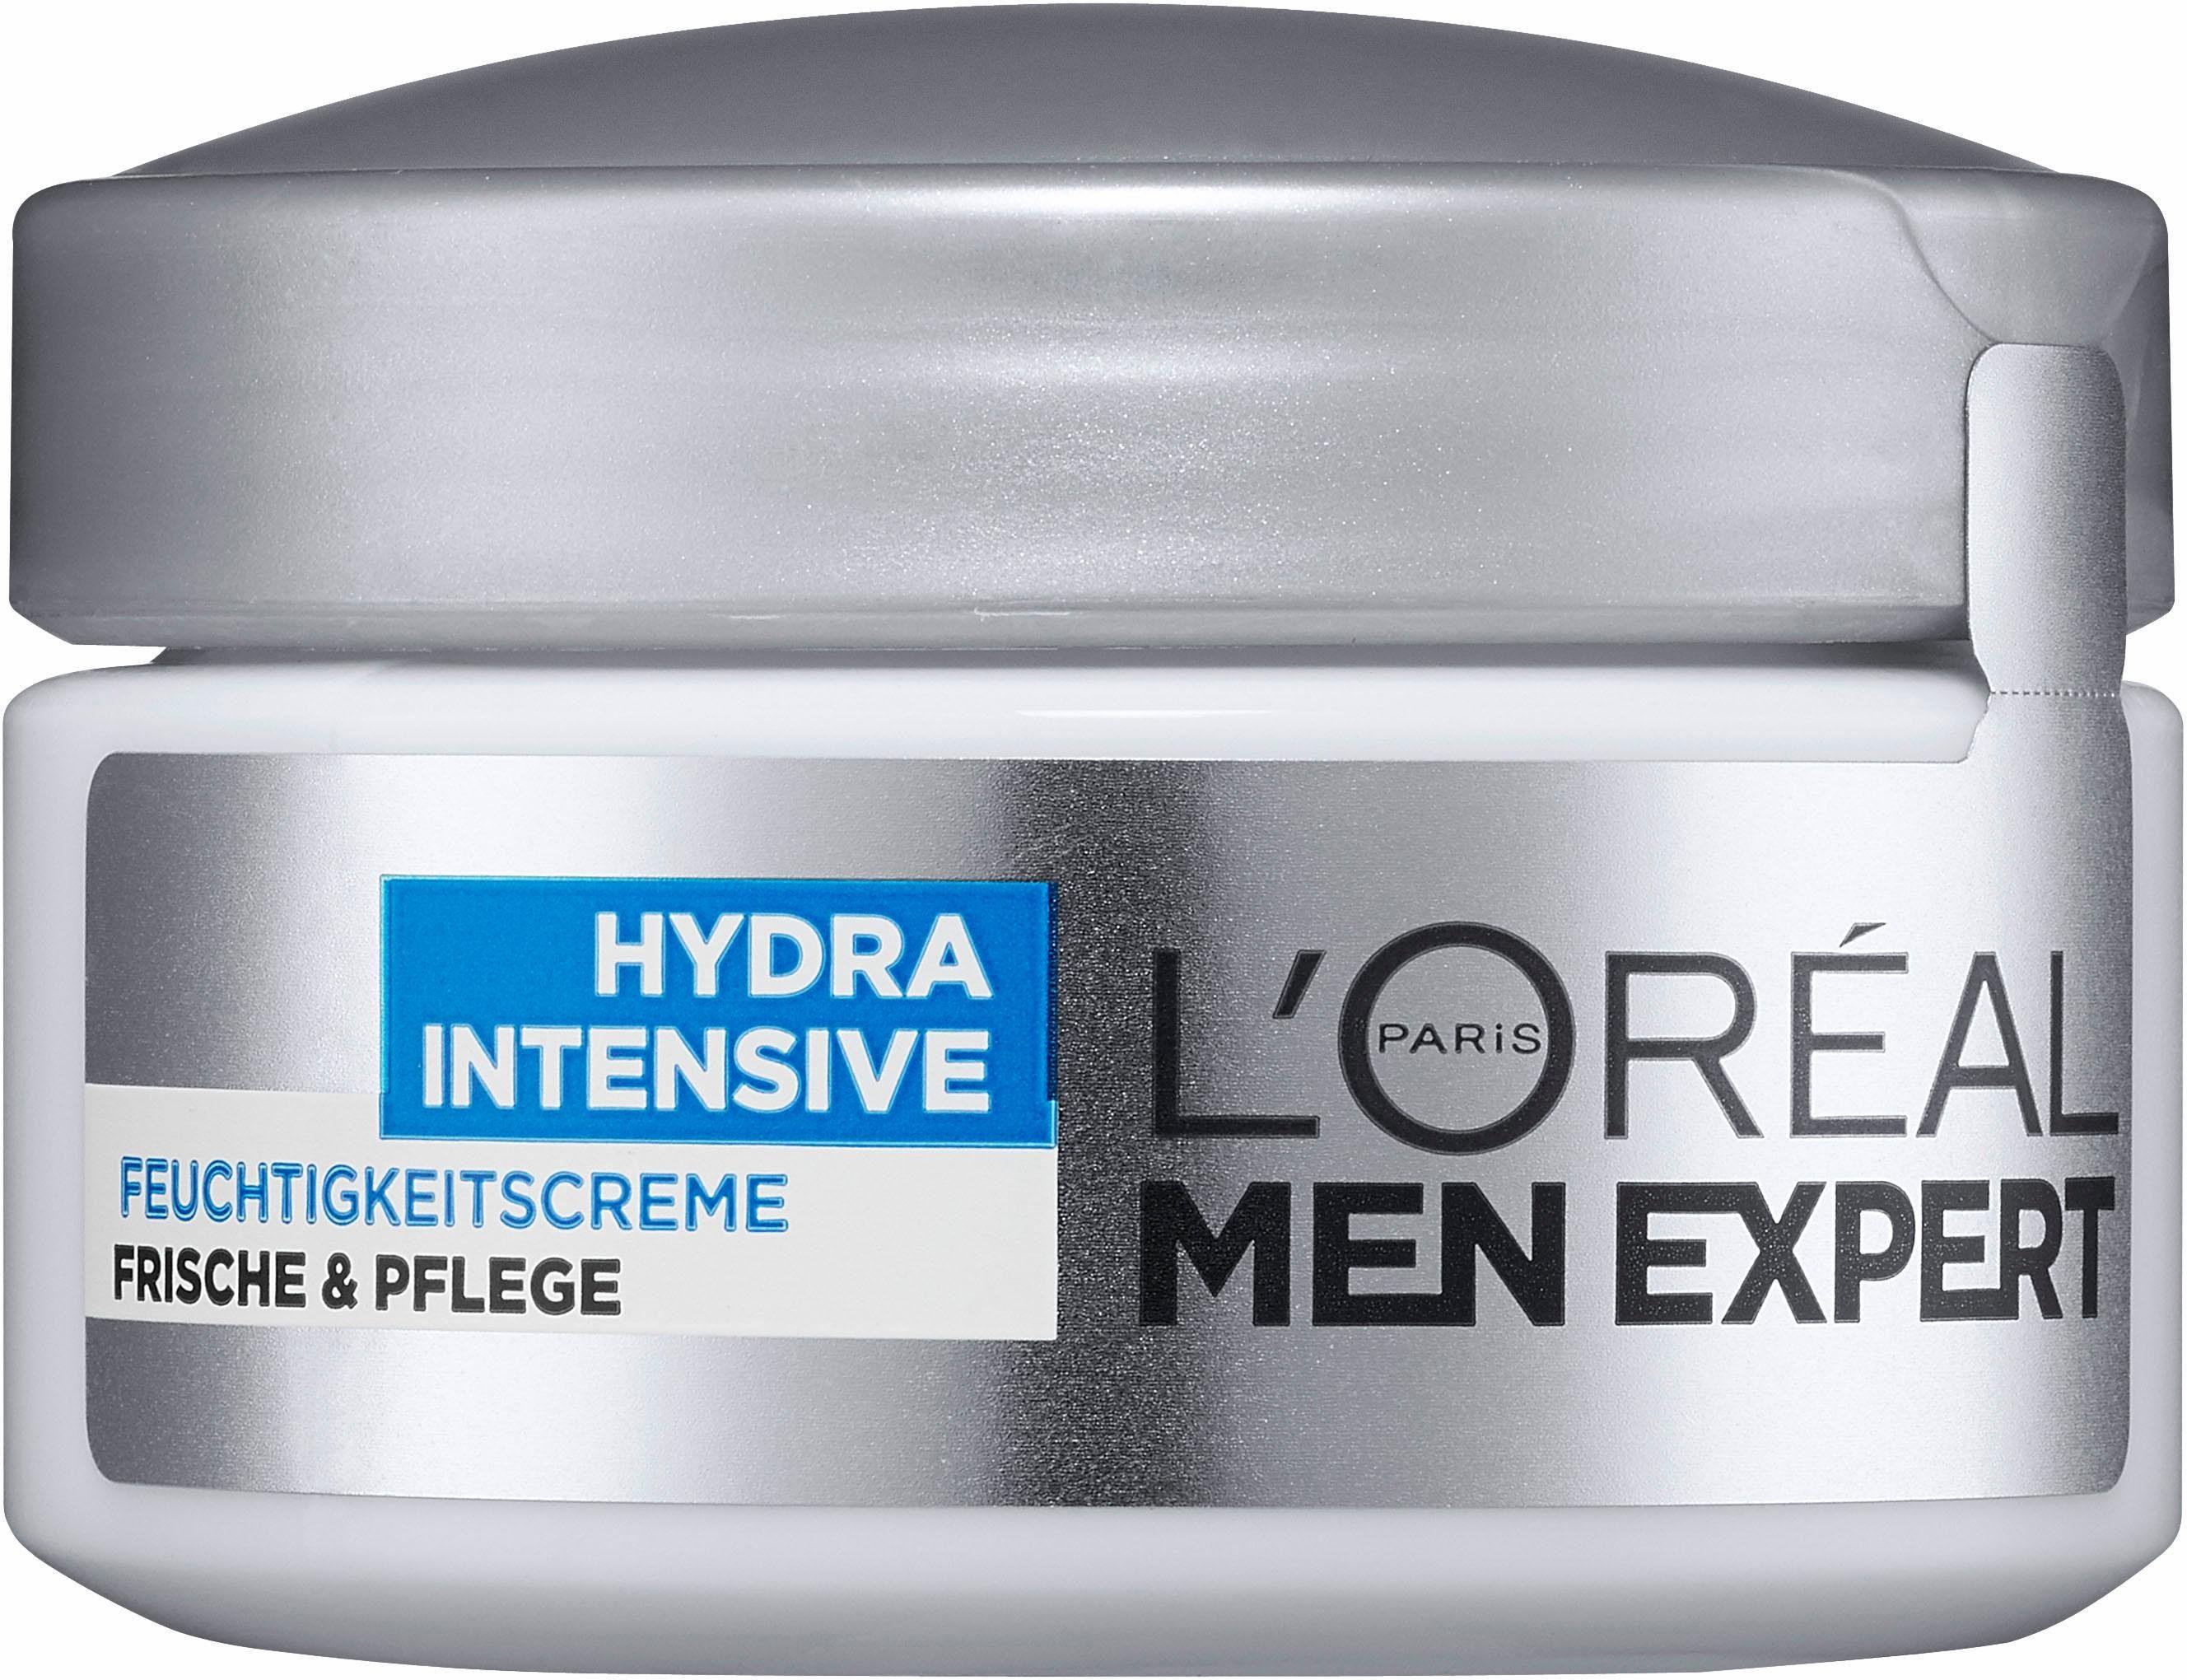 L'Oréal Paris Men Expert, »Hydra Intensive Feuchtigkeitspflege«, Männerpflege